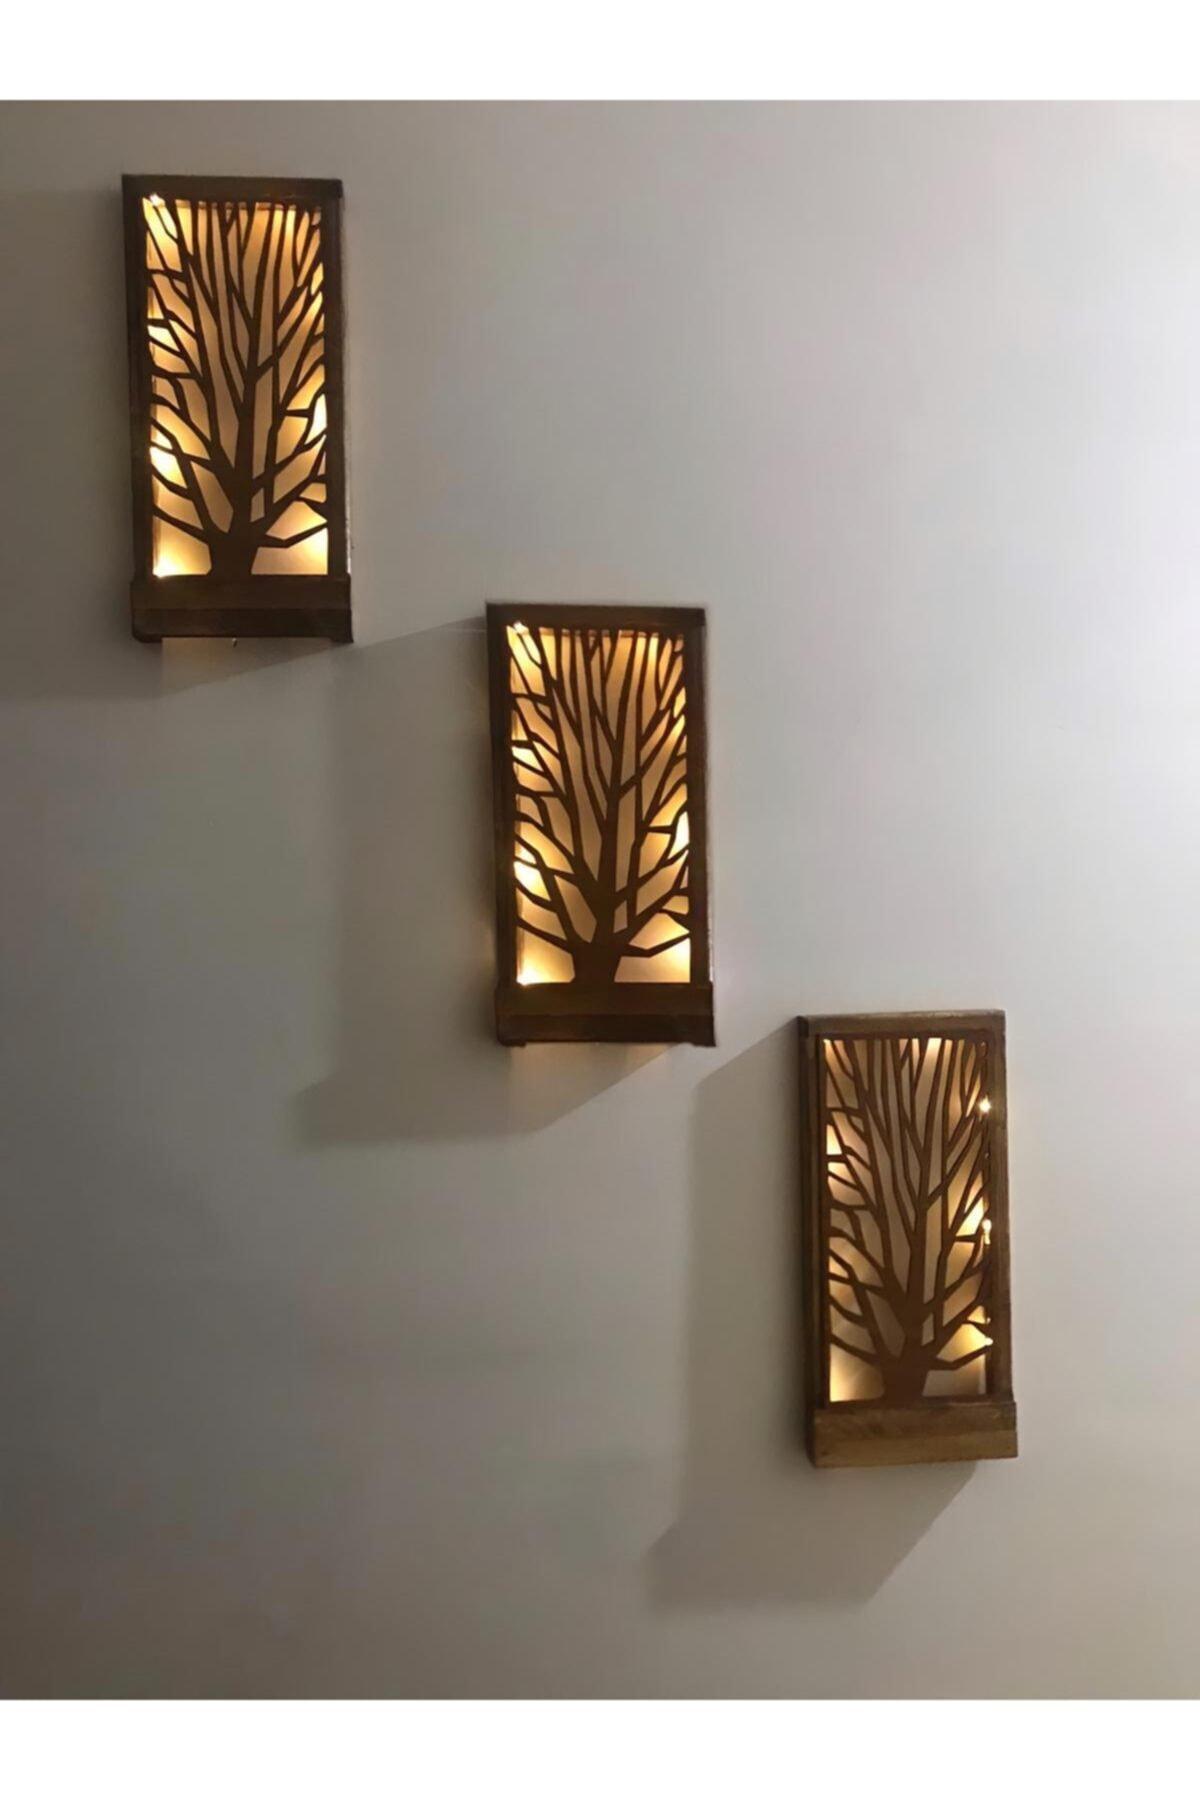 3 Lü Set Pilli Peri Ledli Ağaç Desenli Masifpanel Çerçeve Tablo Hol Duvar Süsü Ev Hediyesi 36x18